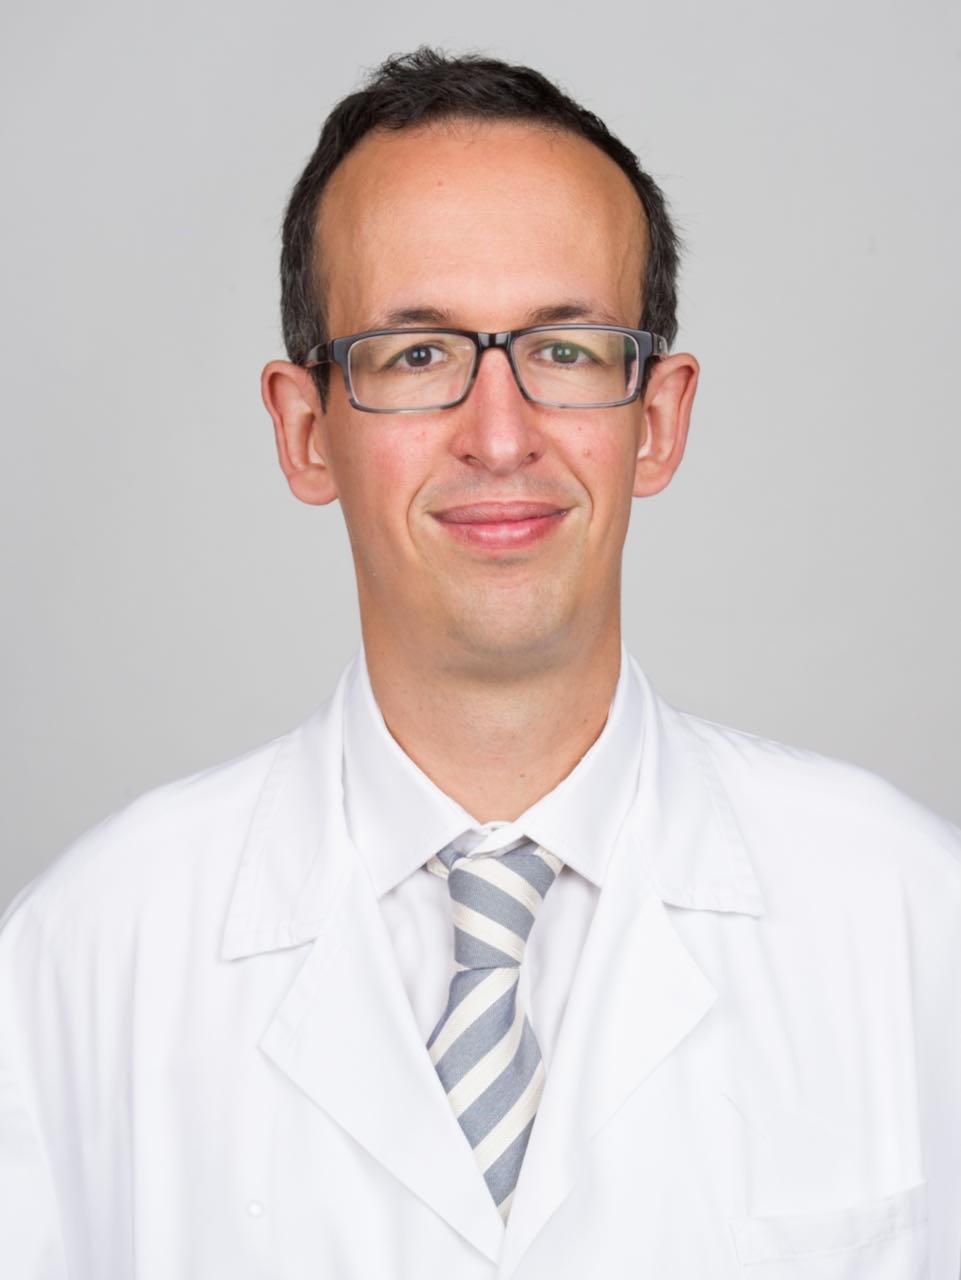 Dr. Jordi Colomina Morales